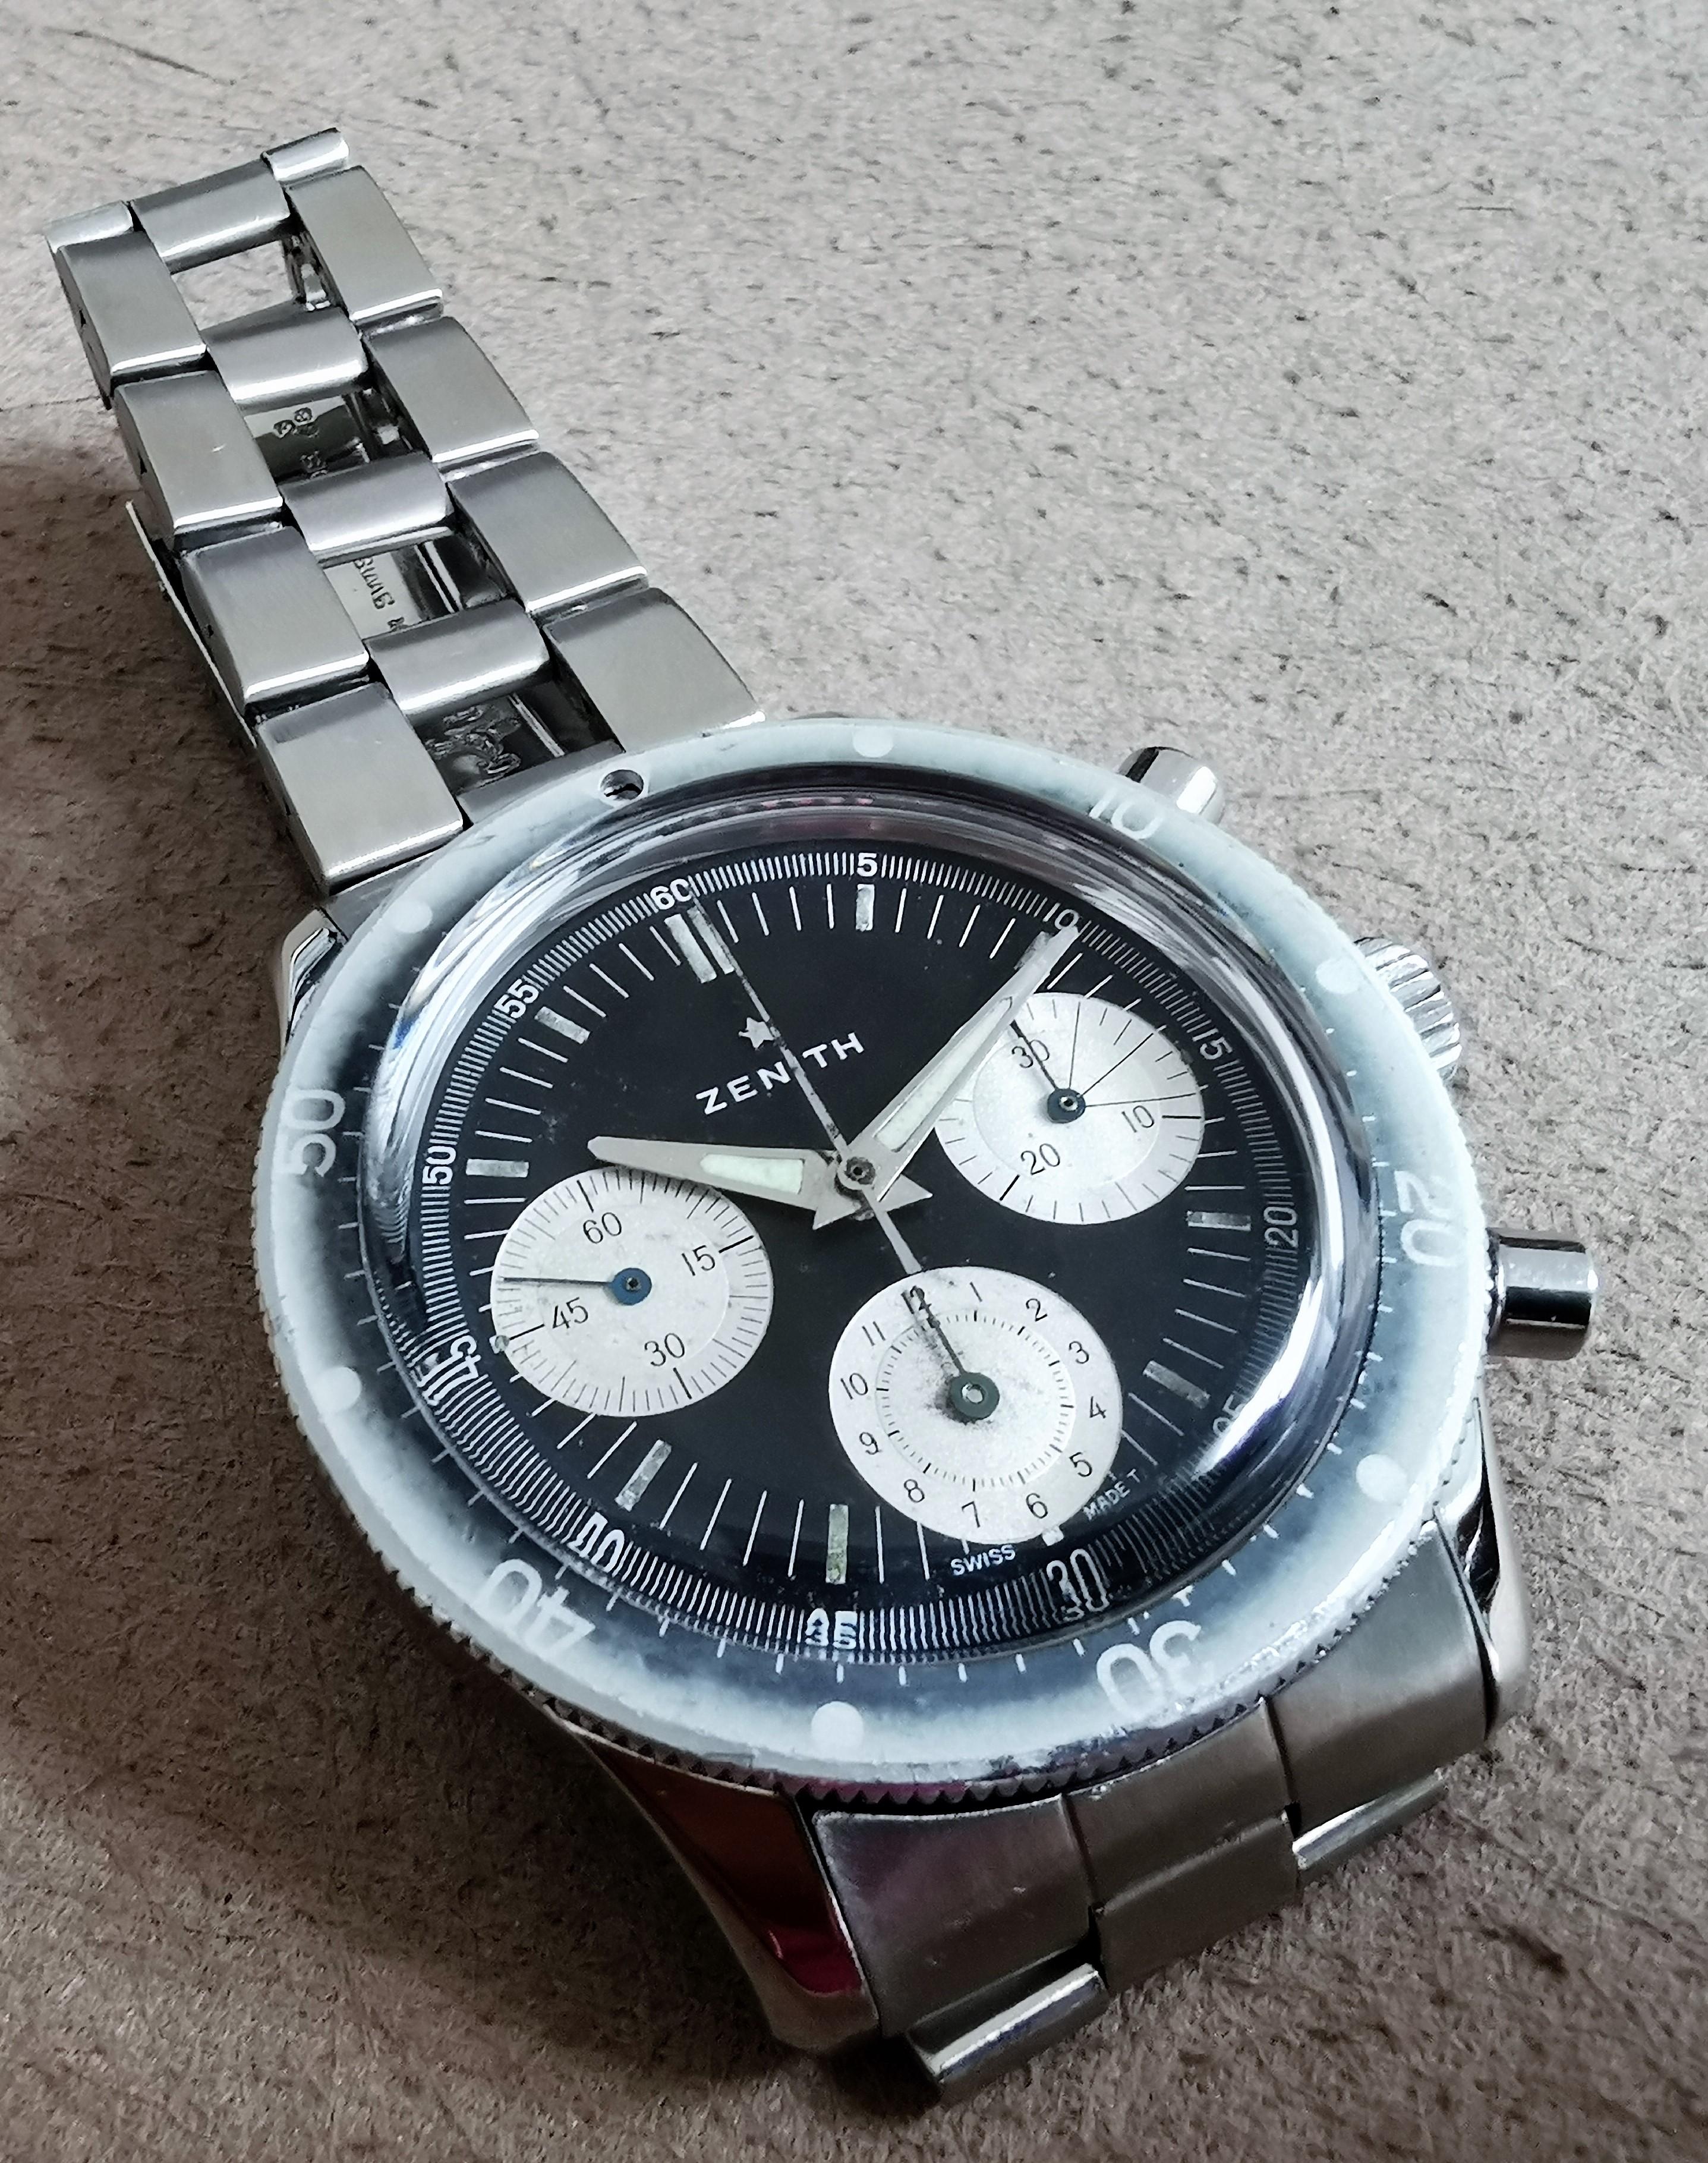 Zenith A277 diver chronograph ghost bezel black dial 146HP Mark 1 Gay Freres 3-68 | San Giorgio a Cremano